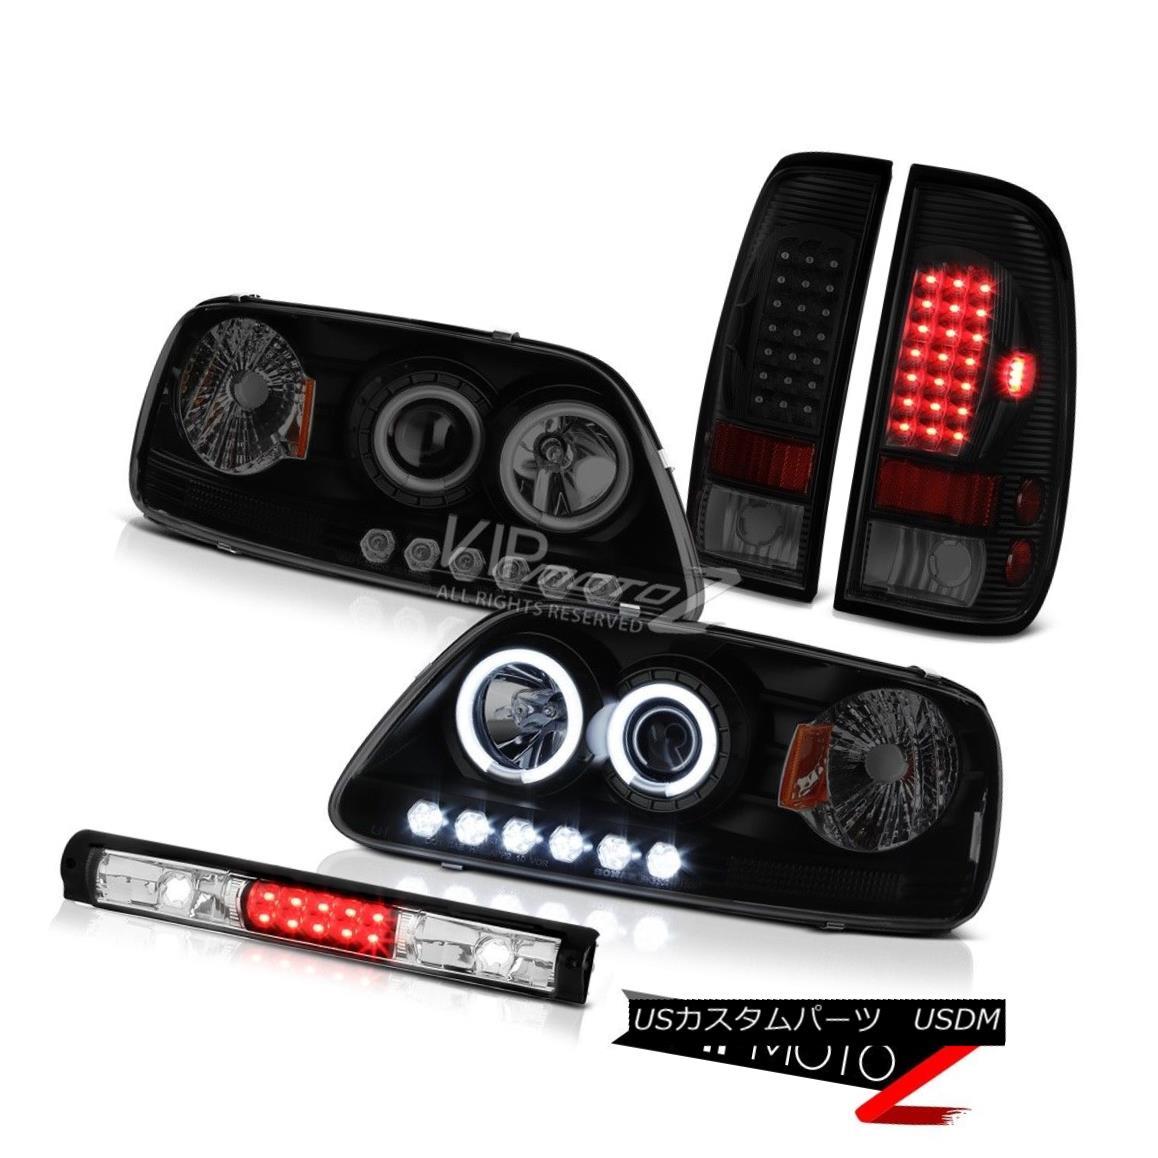 テールライト 97-03 F150 Xlt Black 3RD Brake Light Sinister Tail Lights Headlights Halo Ring 97-03 F150 Xltブラック3RDブレーキライトシニスターテールライトヘッドライトハローリング